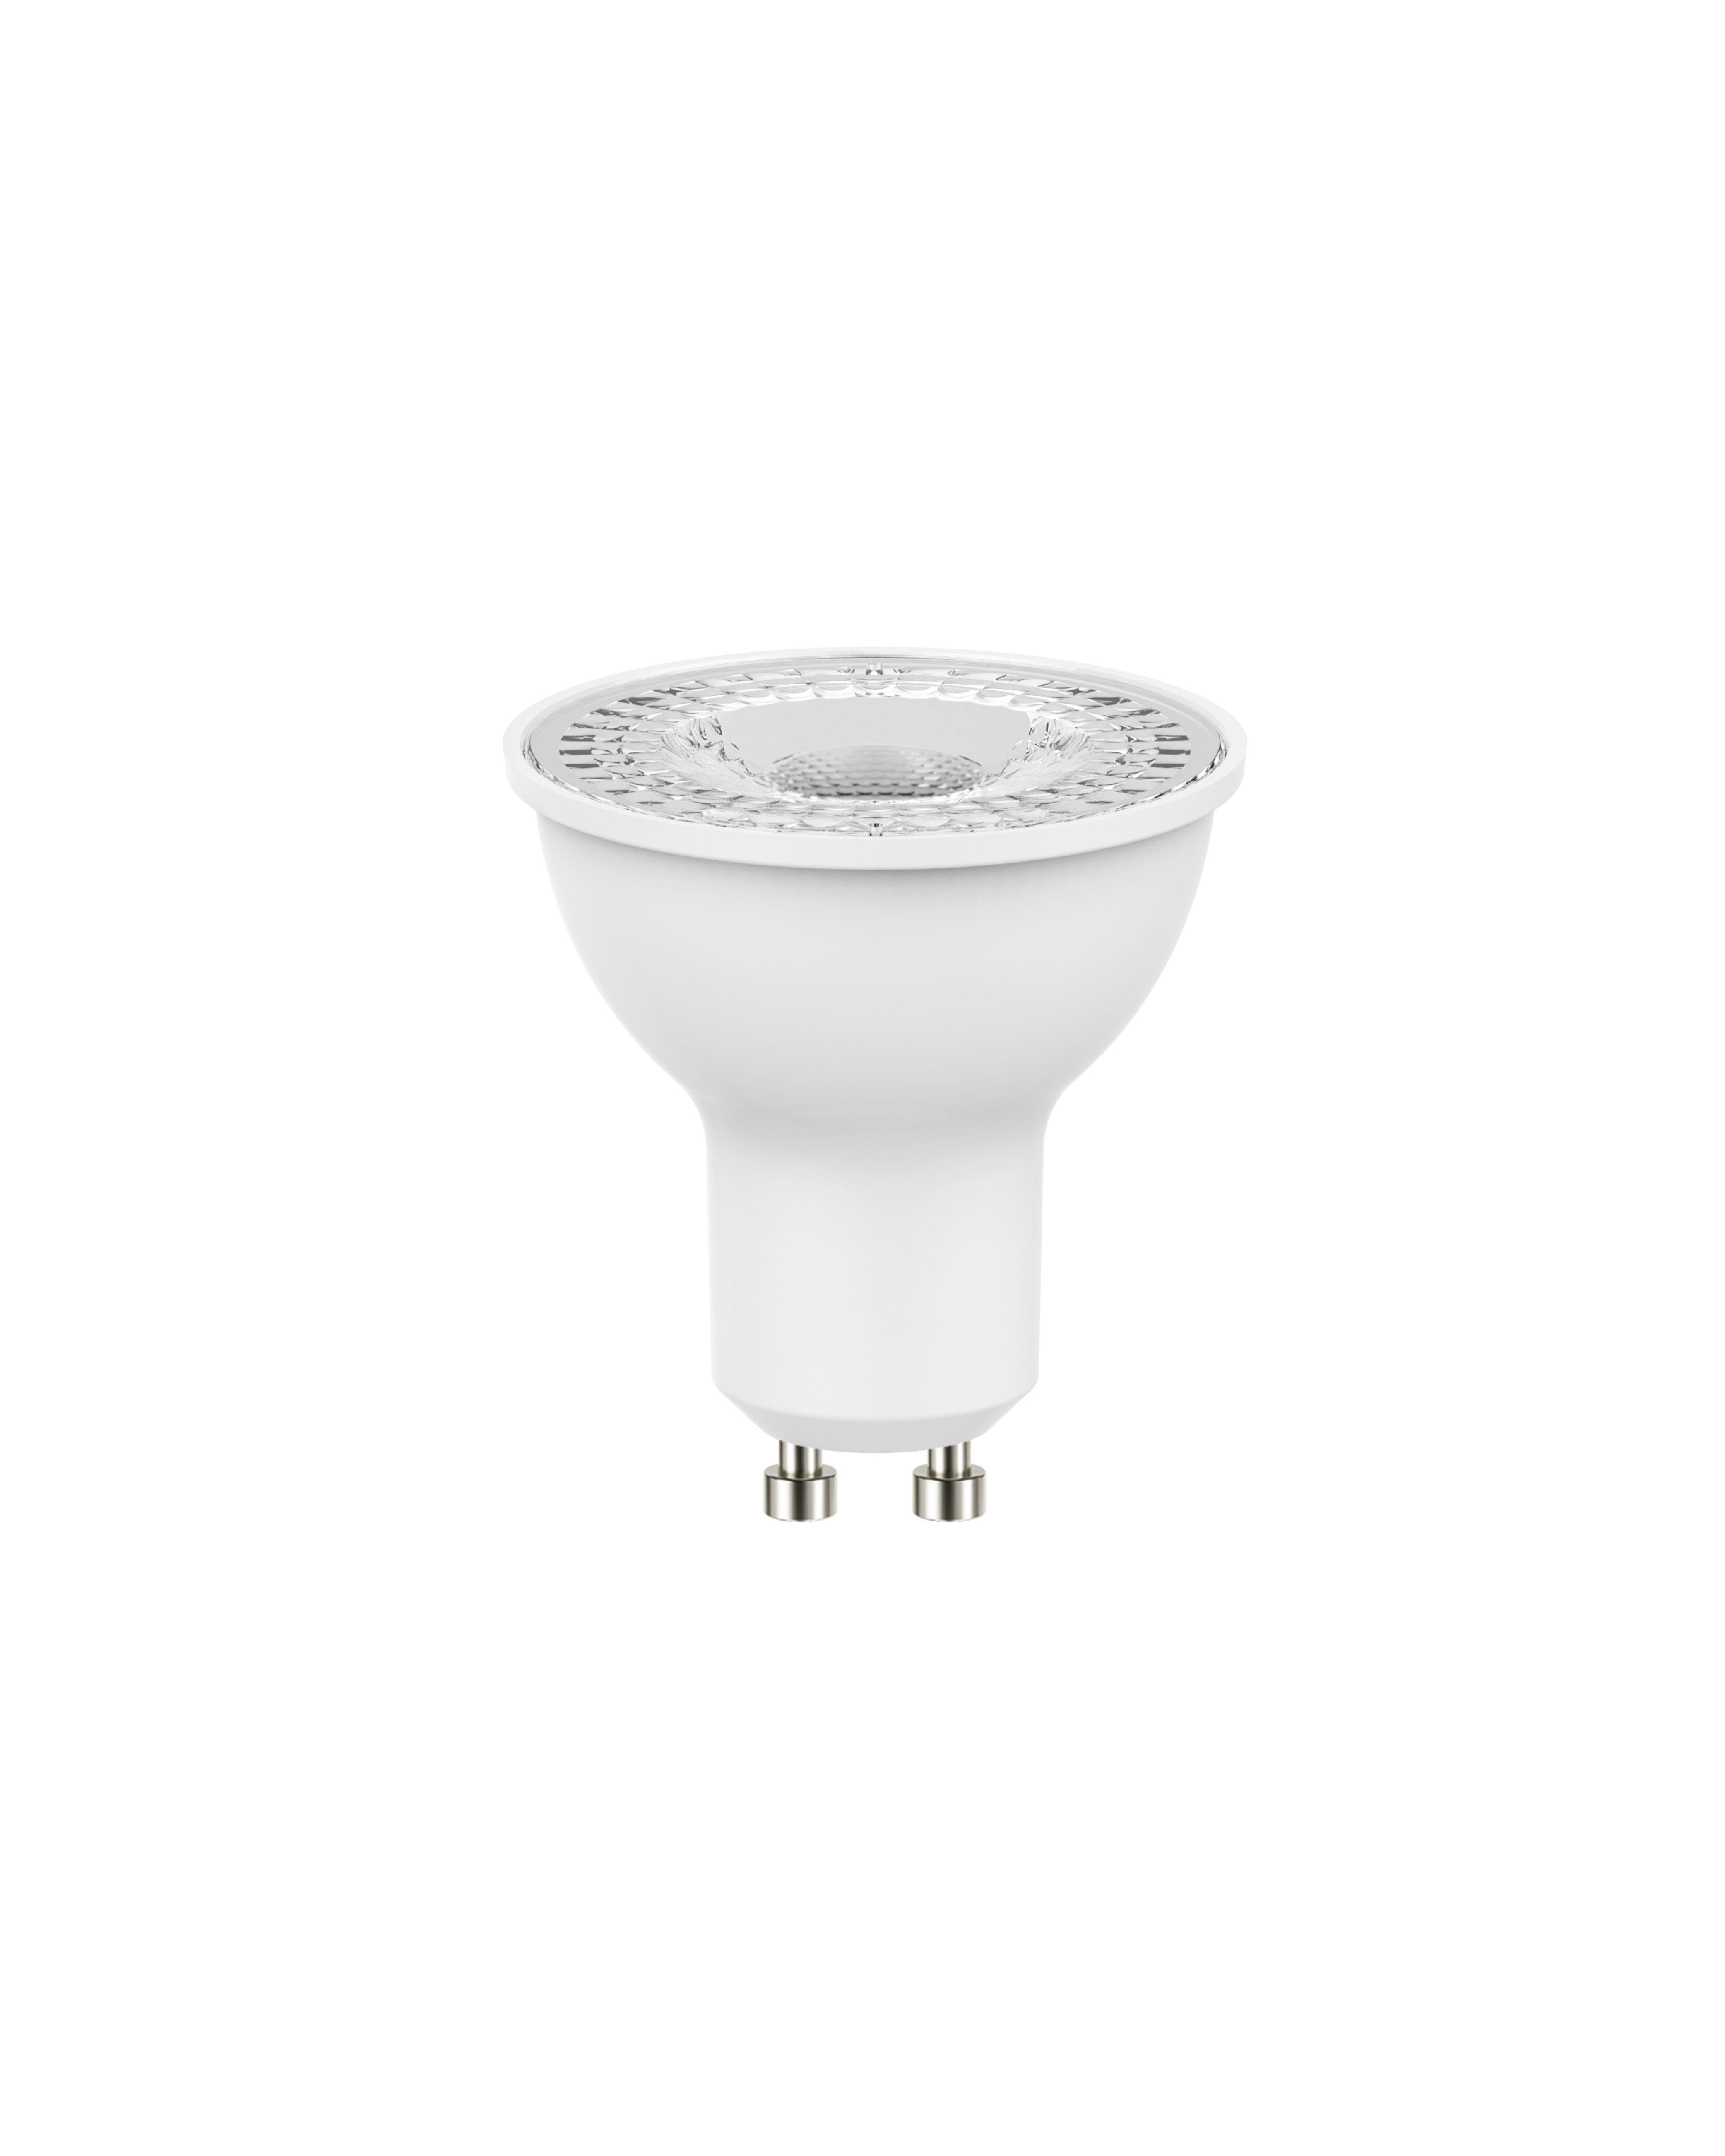 Купить Лампа светодиодная Osram LS PAR165035 4, 8W/830230VGU1010X1RUOSRAM 4.8Вт теплый-б, Osram Ledvance